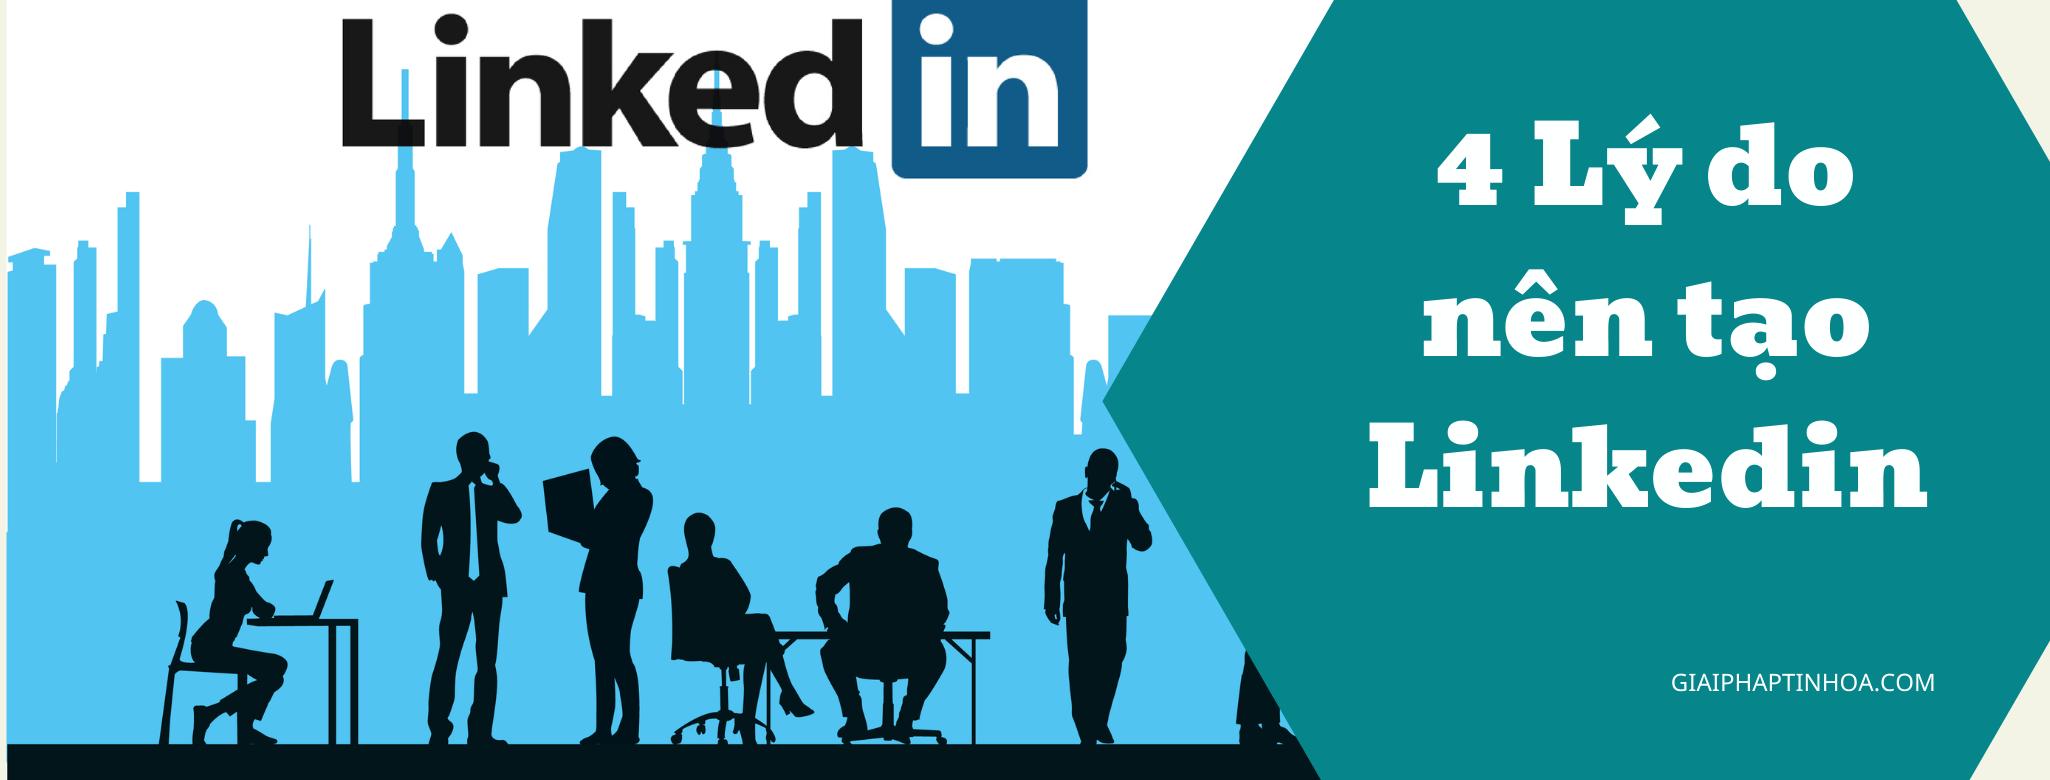 4 lý do nên tạo tài khoản Linkedin